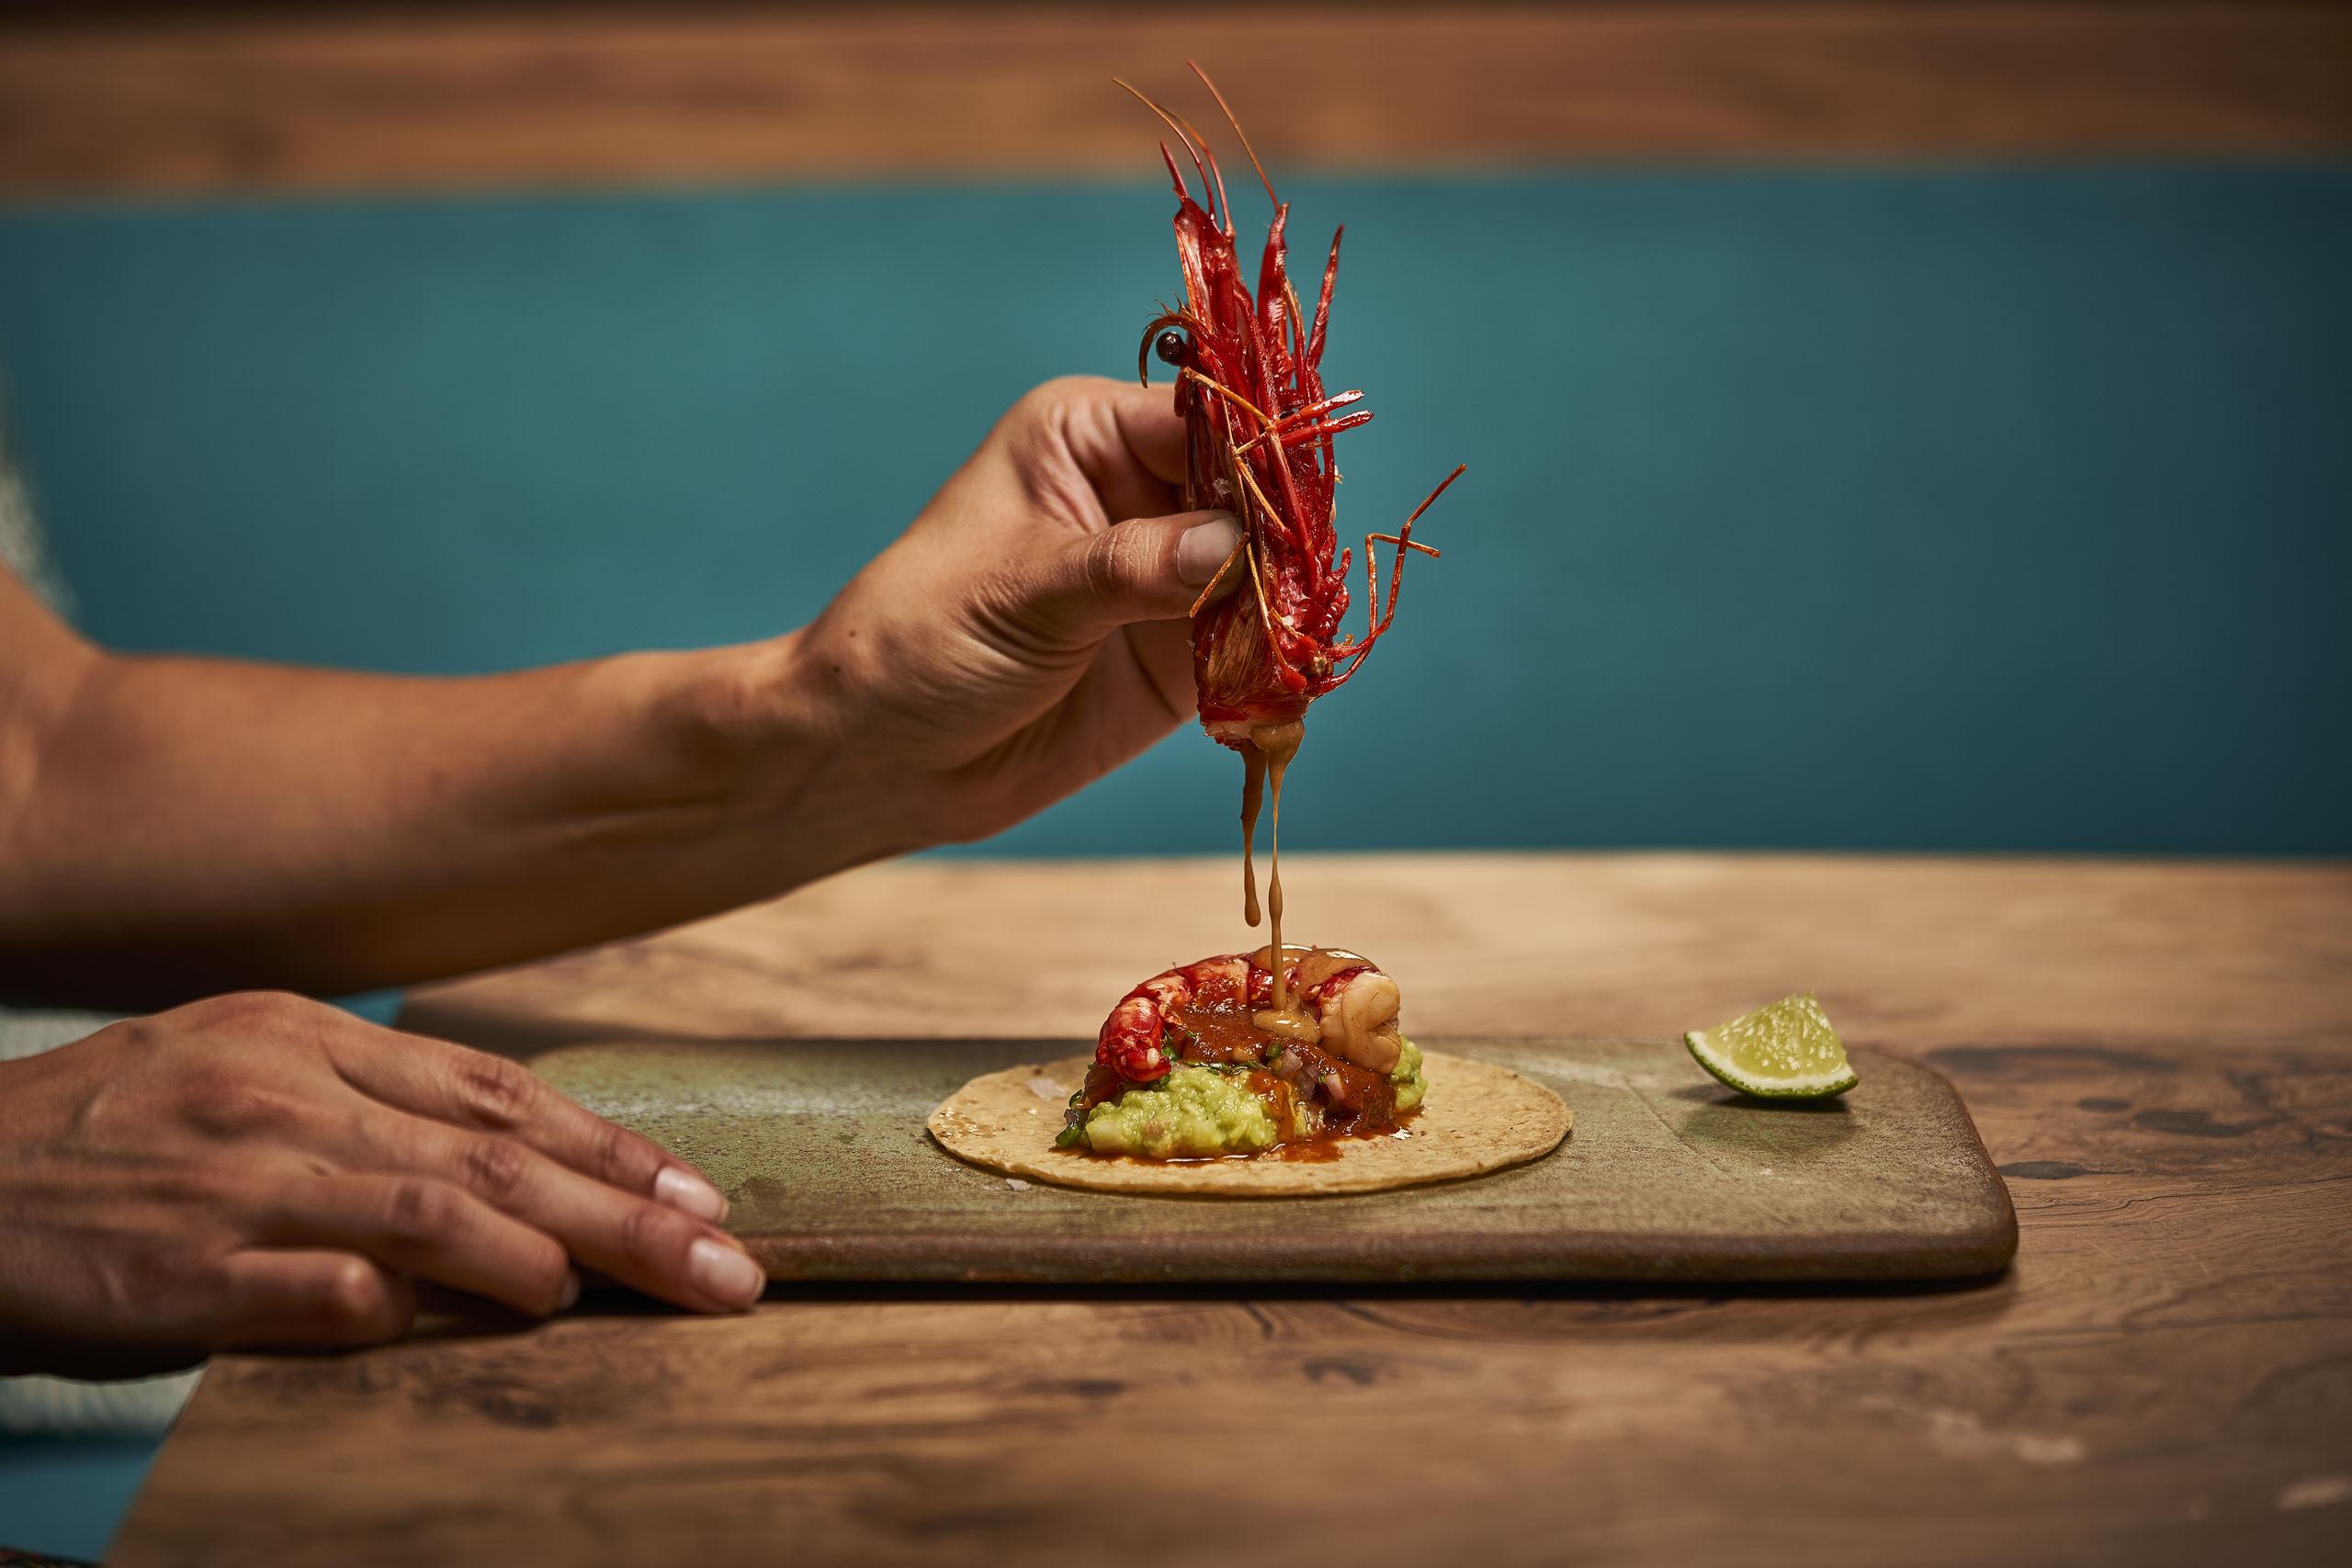 mantarraya-mx-taco-de-carabinero-a-la-diabla-con-salsa-enchipotlada-guacamole-y-pico-de-gallo2.jpg